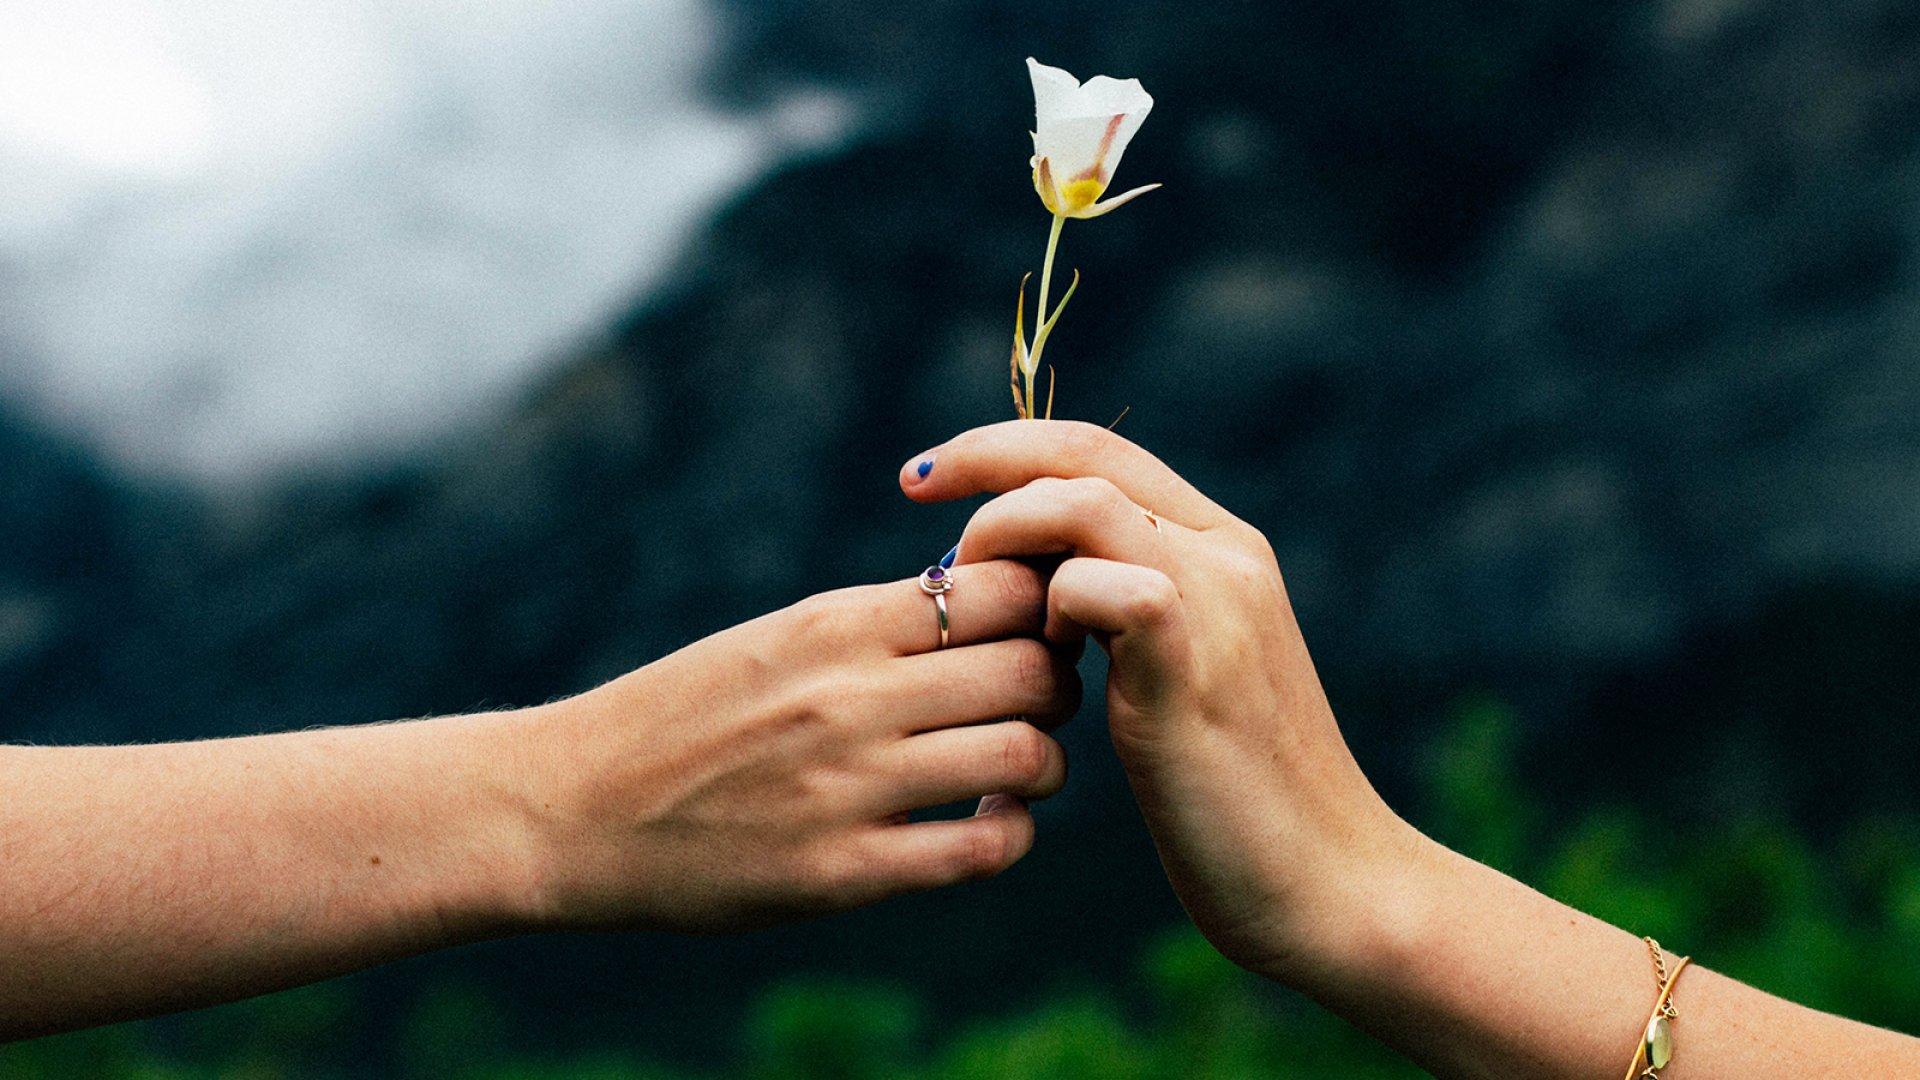 چگونه دیگران را ببخشیم؟